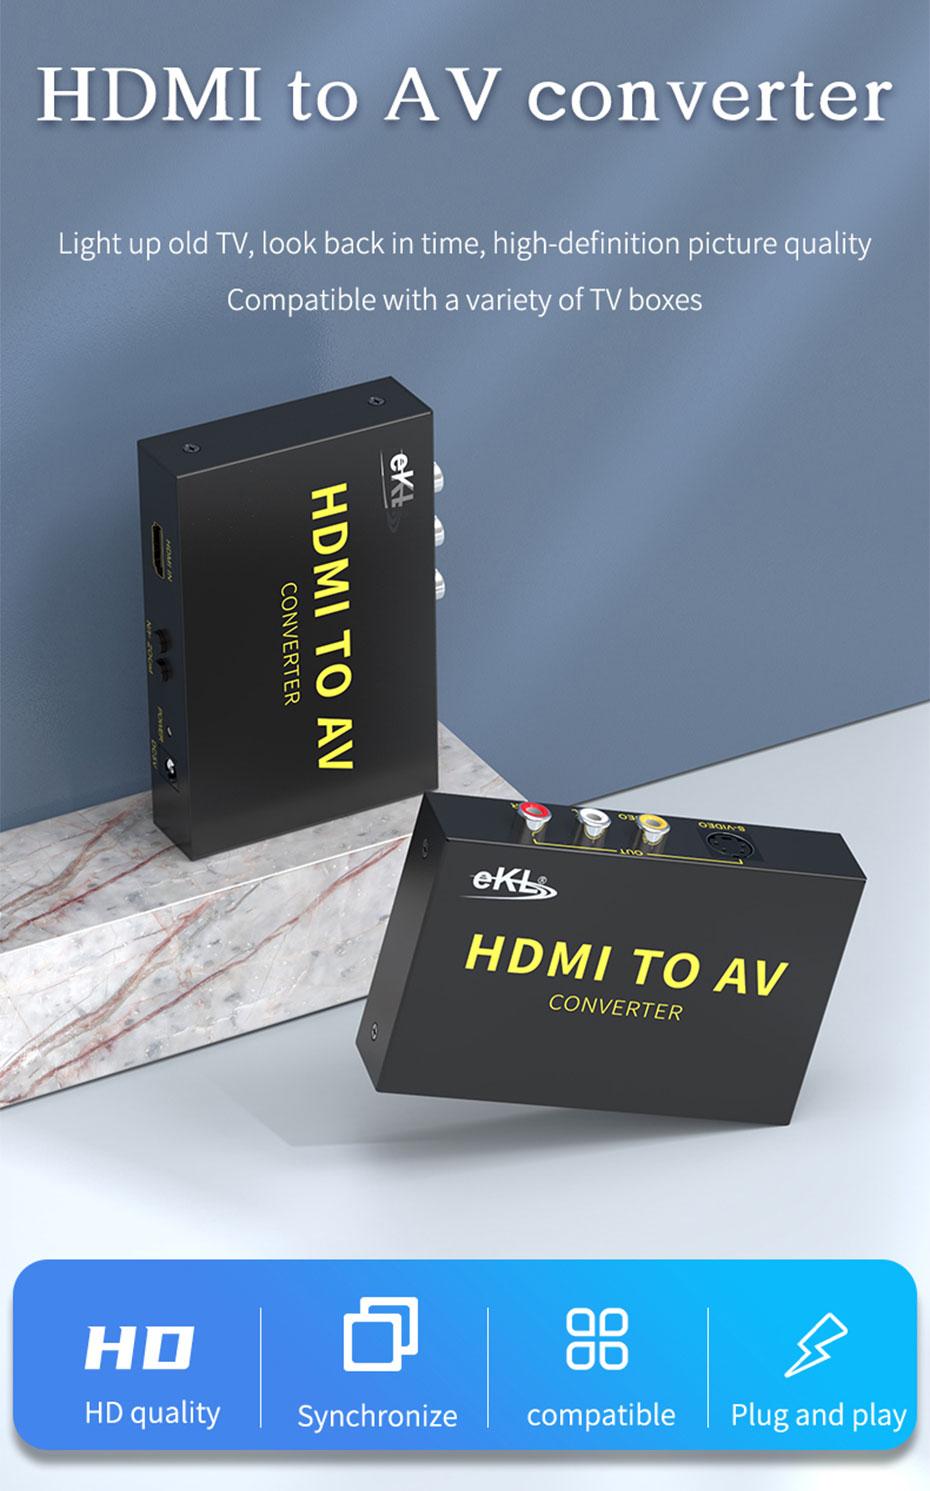 HDMI to AV converter HAV